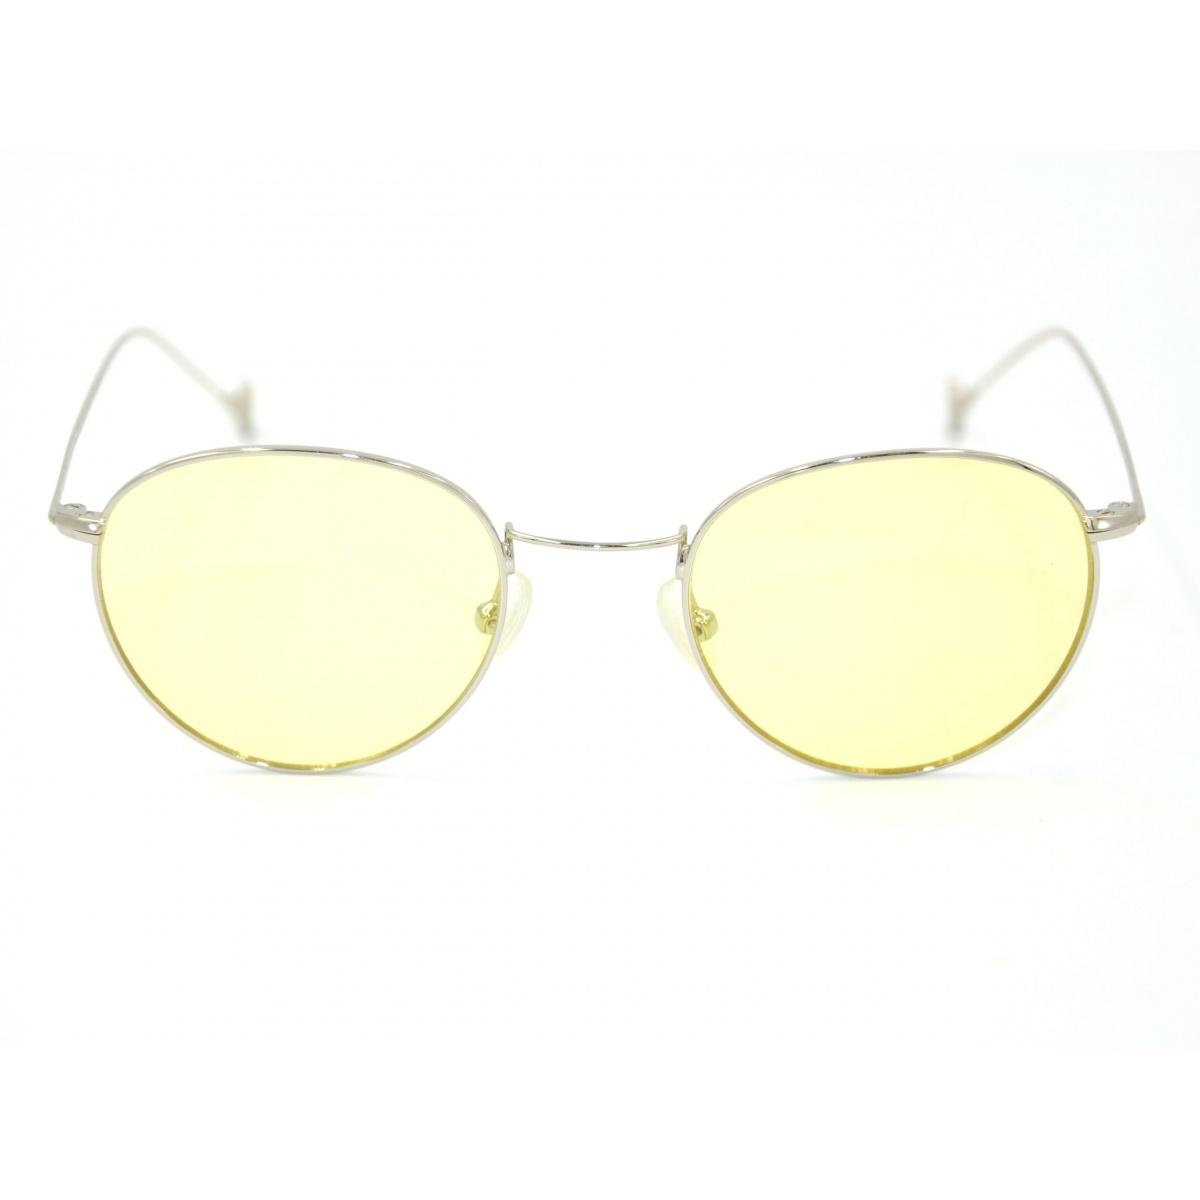 IBIZA REPUBLIC IR001 C33 unisex Sunglasses 2018